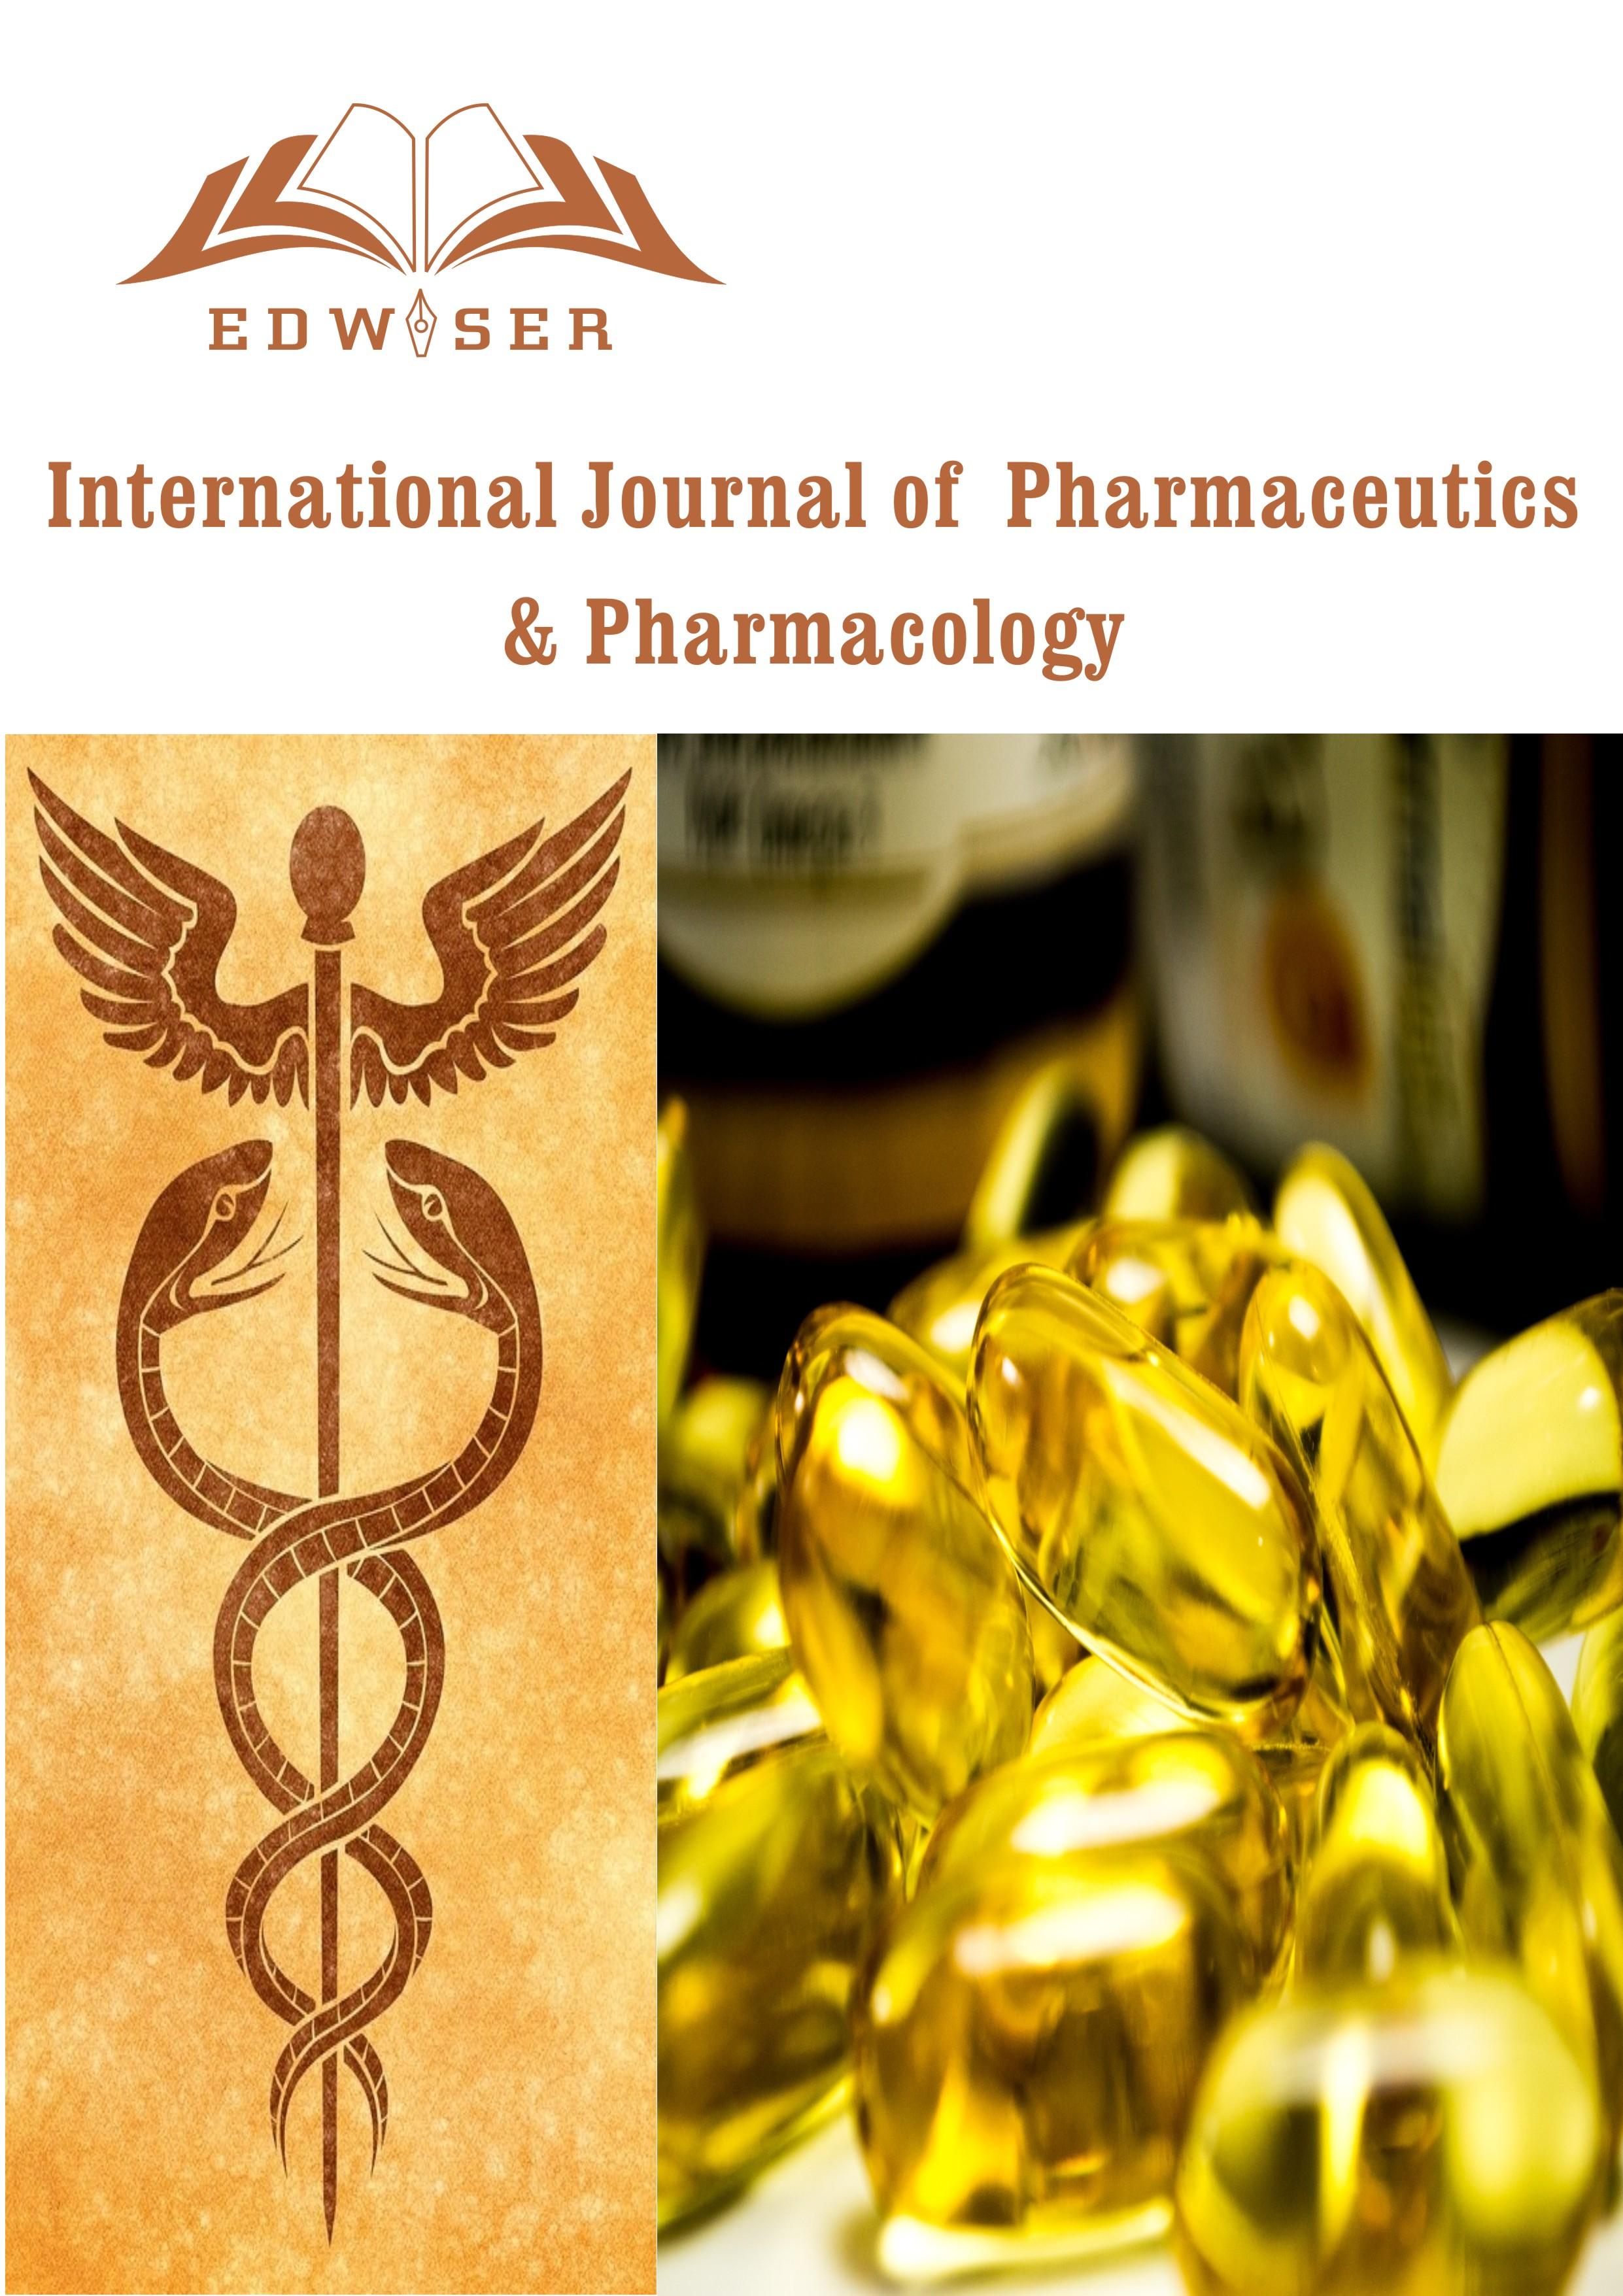 Int J Pharm Pharmacol